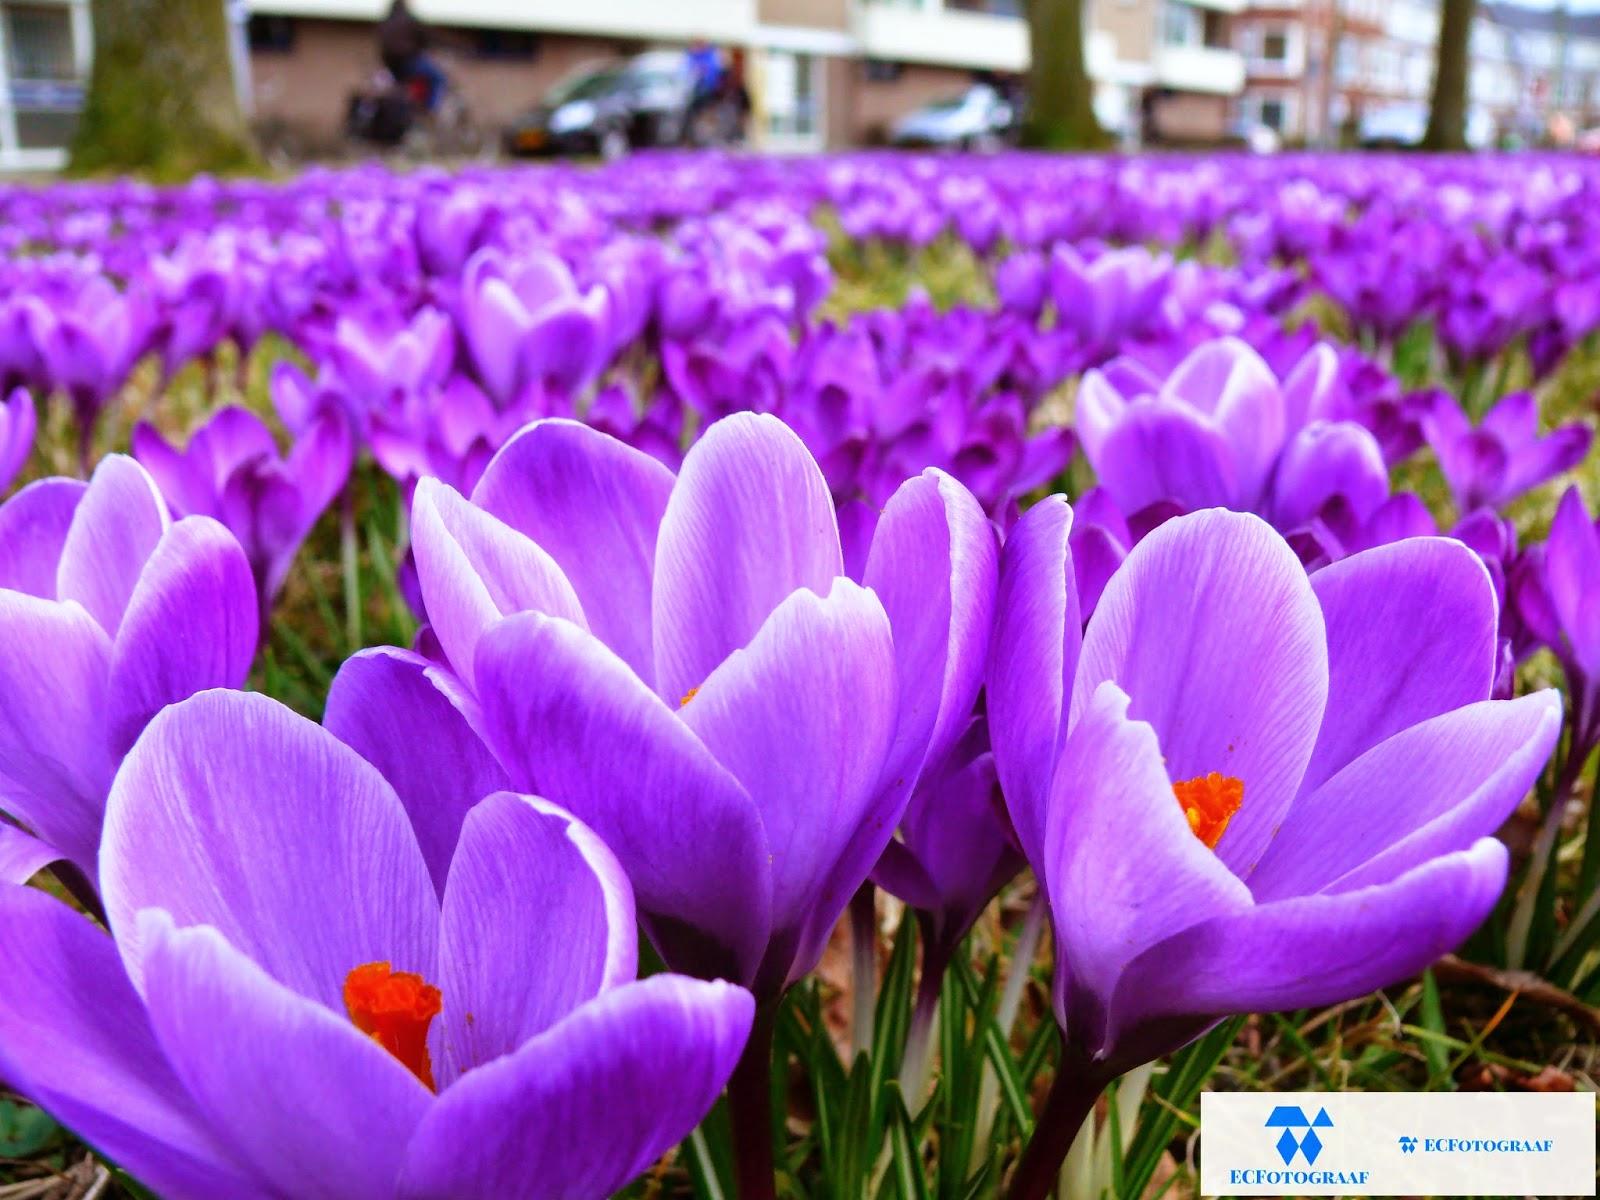 """<img scr=""""Gras-veld-met-paarse-crocussen-ontelbaar-zoveel"""" alt=""""April-lente-bloemenveld-crocussen-paars.jpg""""/>"""